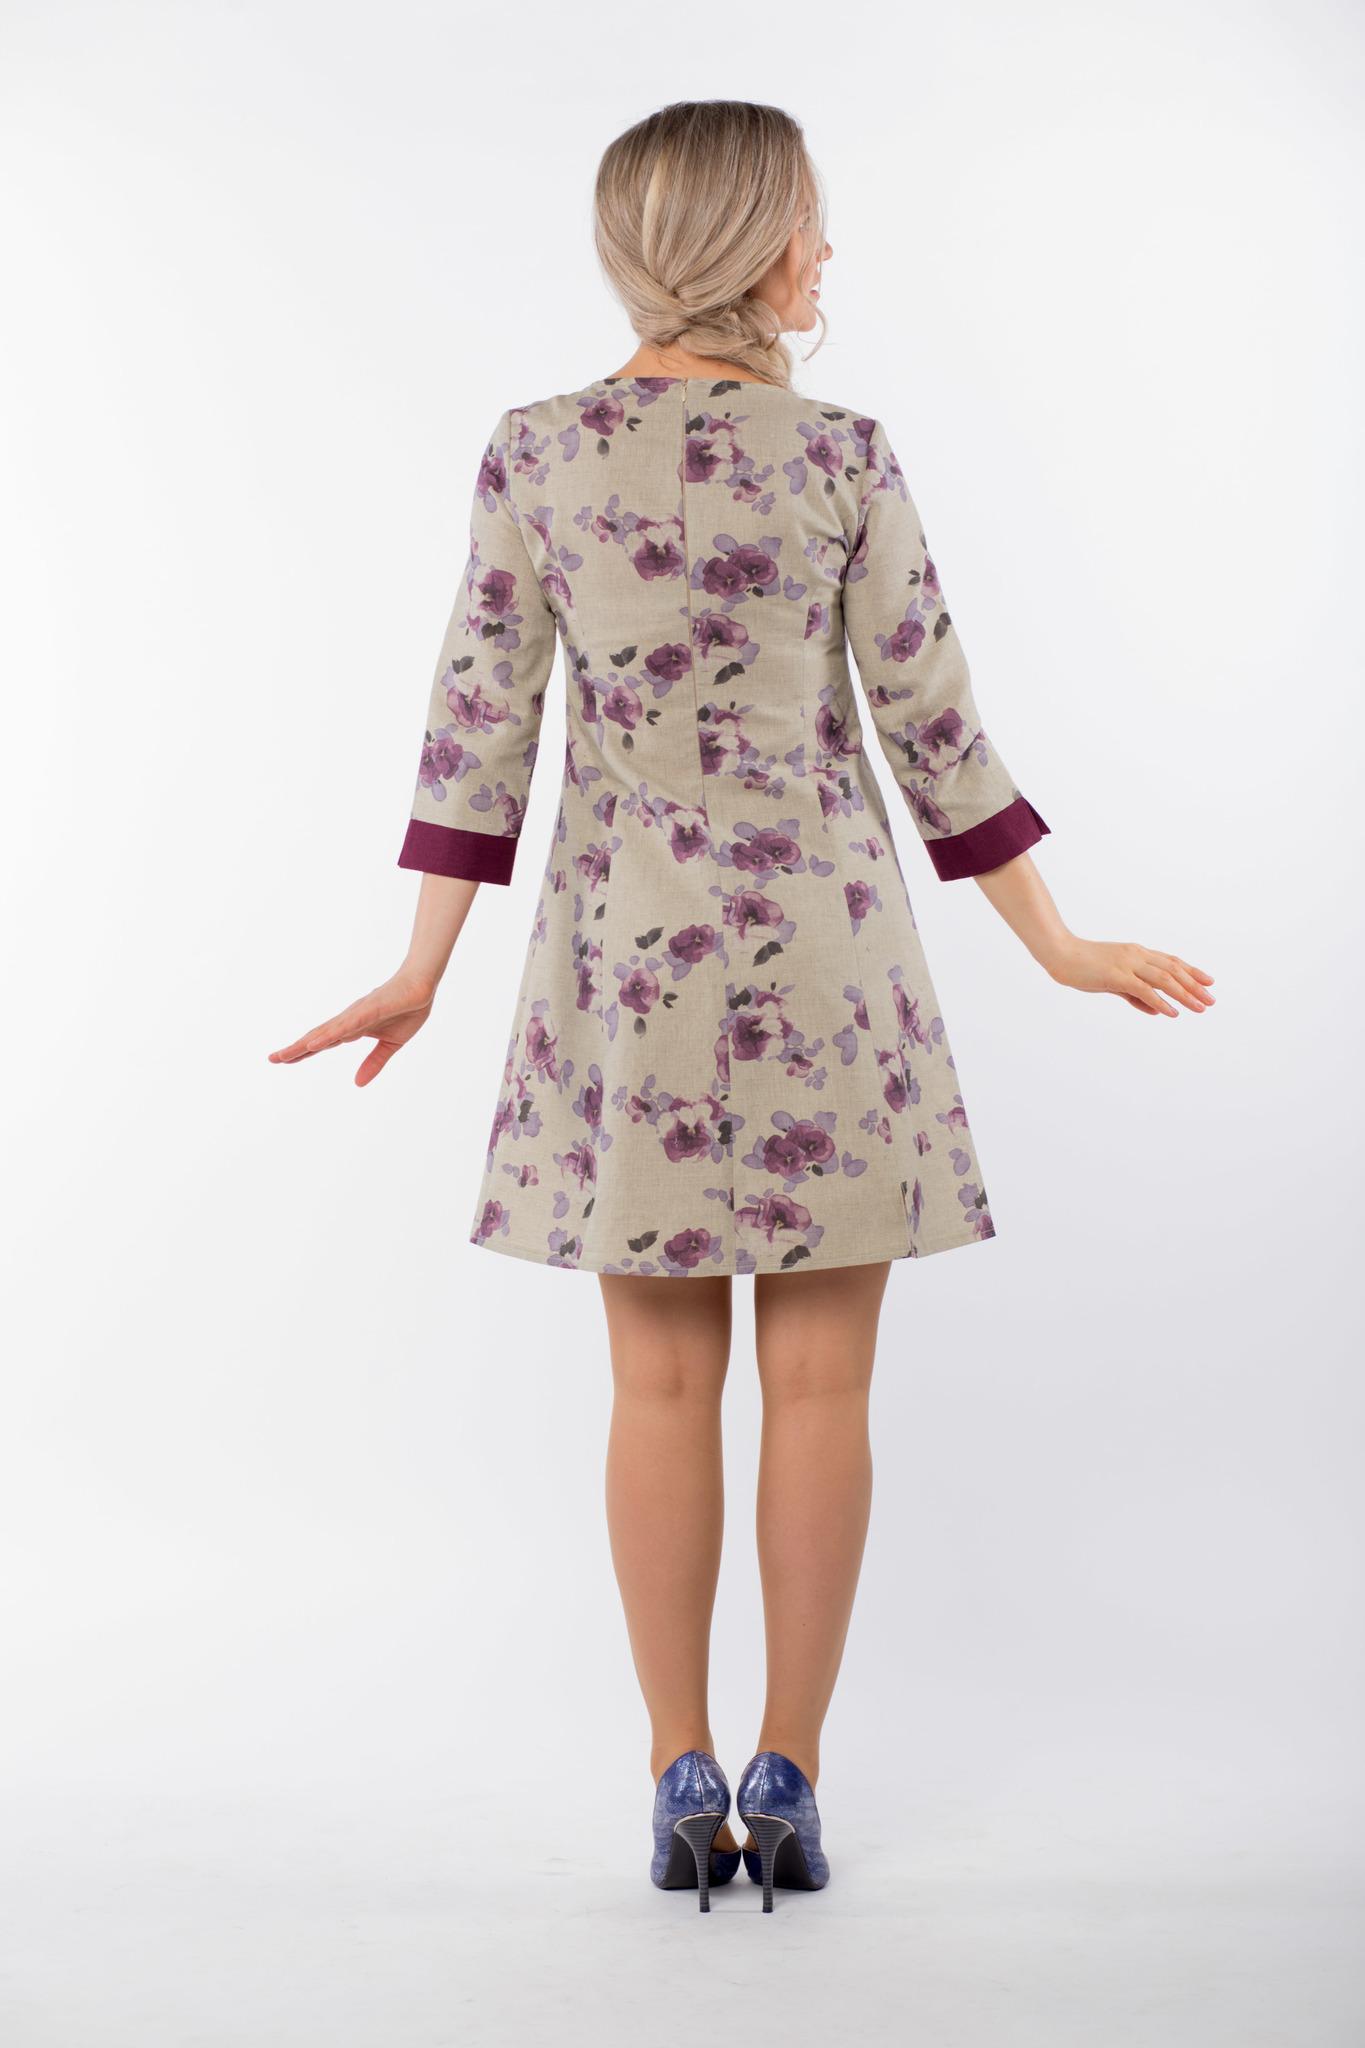 Платье льняное Лесная фиалка вид сзади